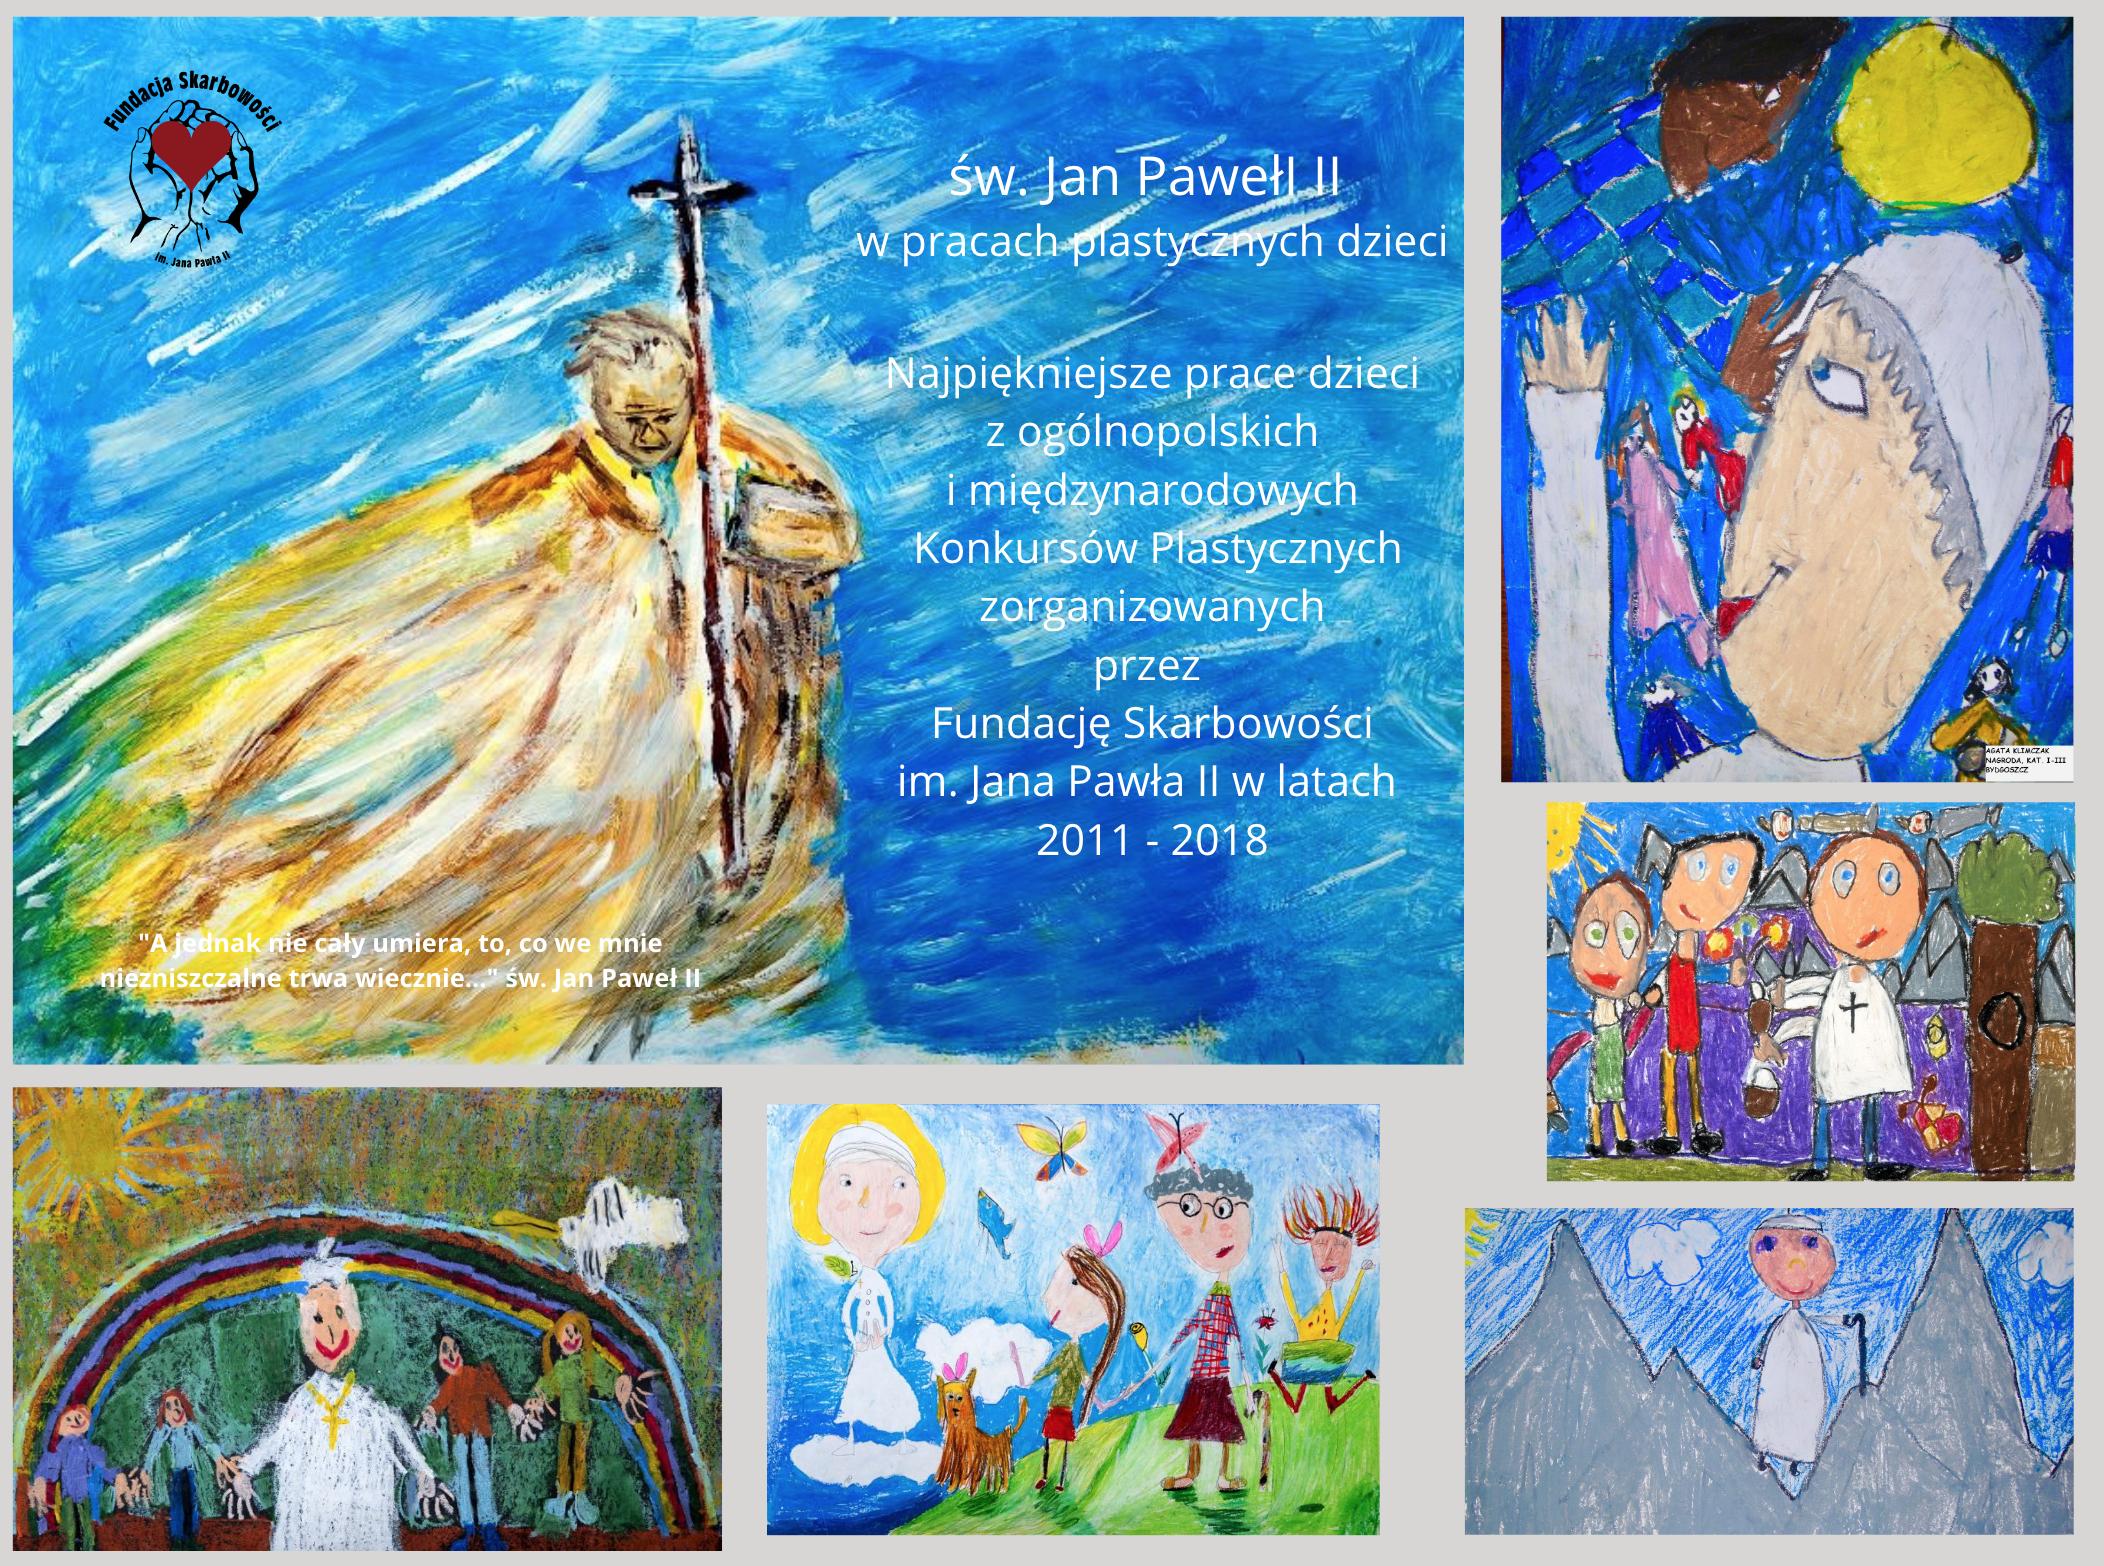 Nauczanie św. Jana Pawła II widziane oczami dzieci, czyli 100 najpiękniejszych prac plastycznych dzieci na 100.rocznicę urodzin św. Jana Pawła II